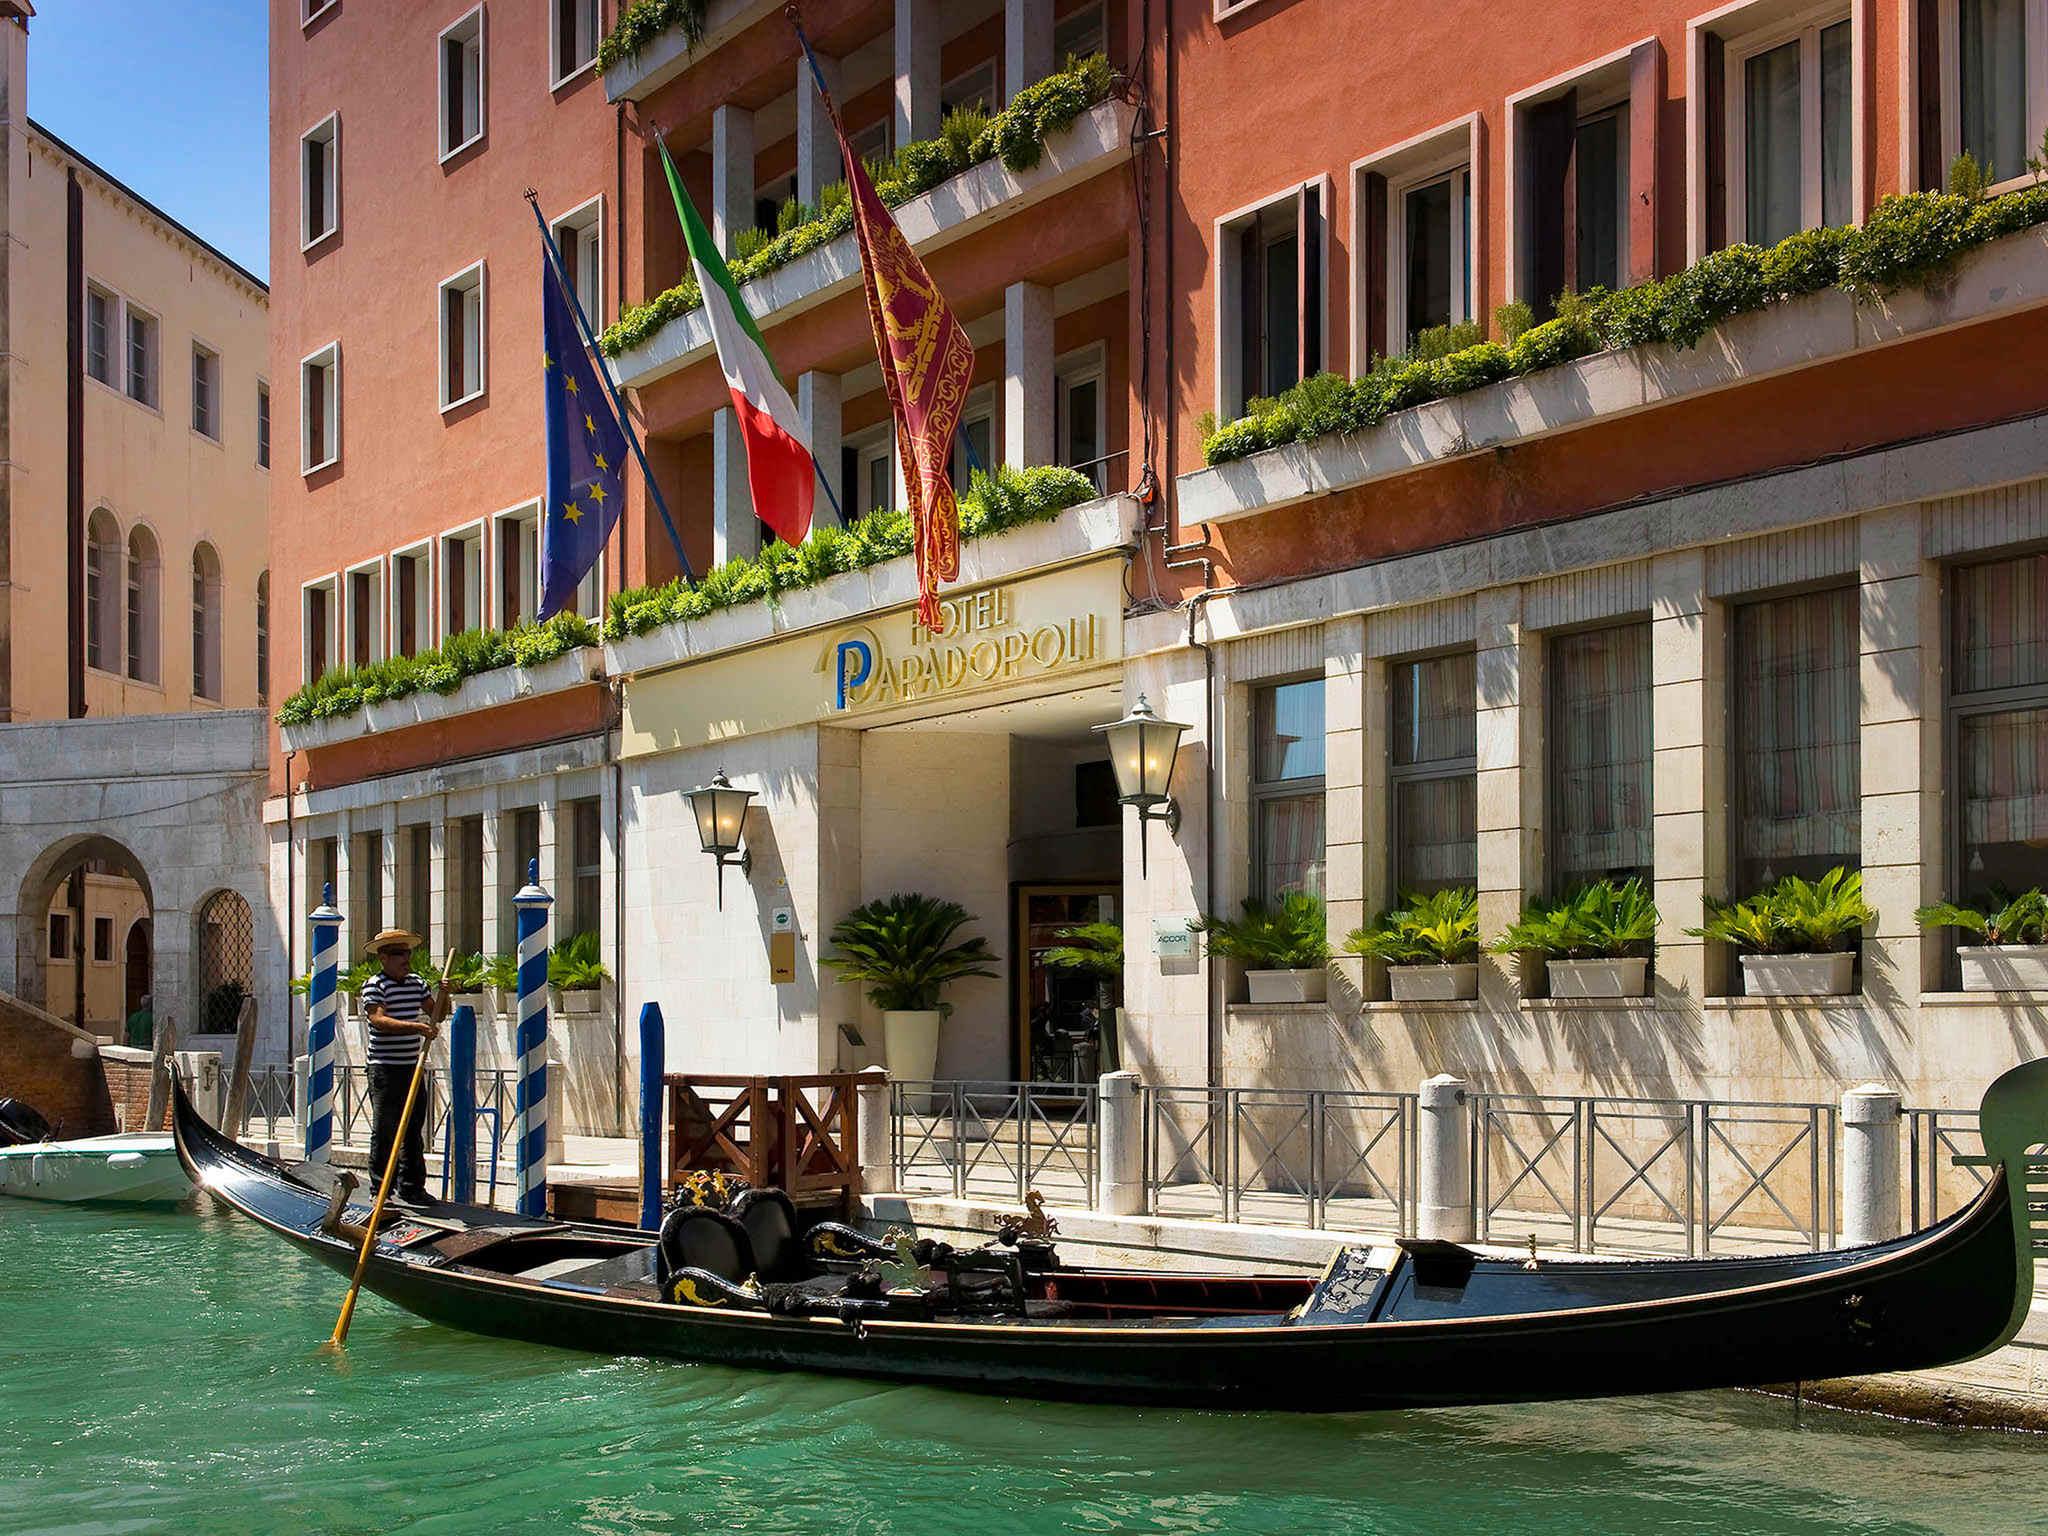 Hotell – Hotel Papadopoli Venezia - MGallery by Sofitel